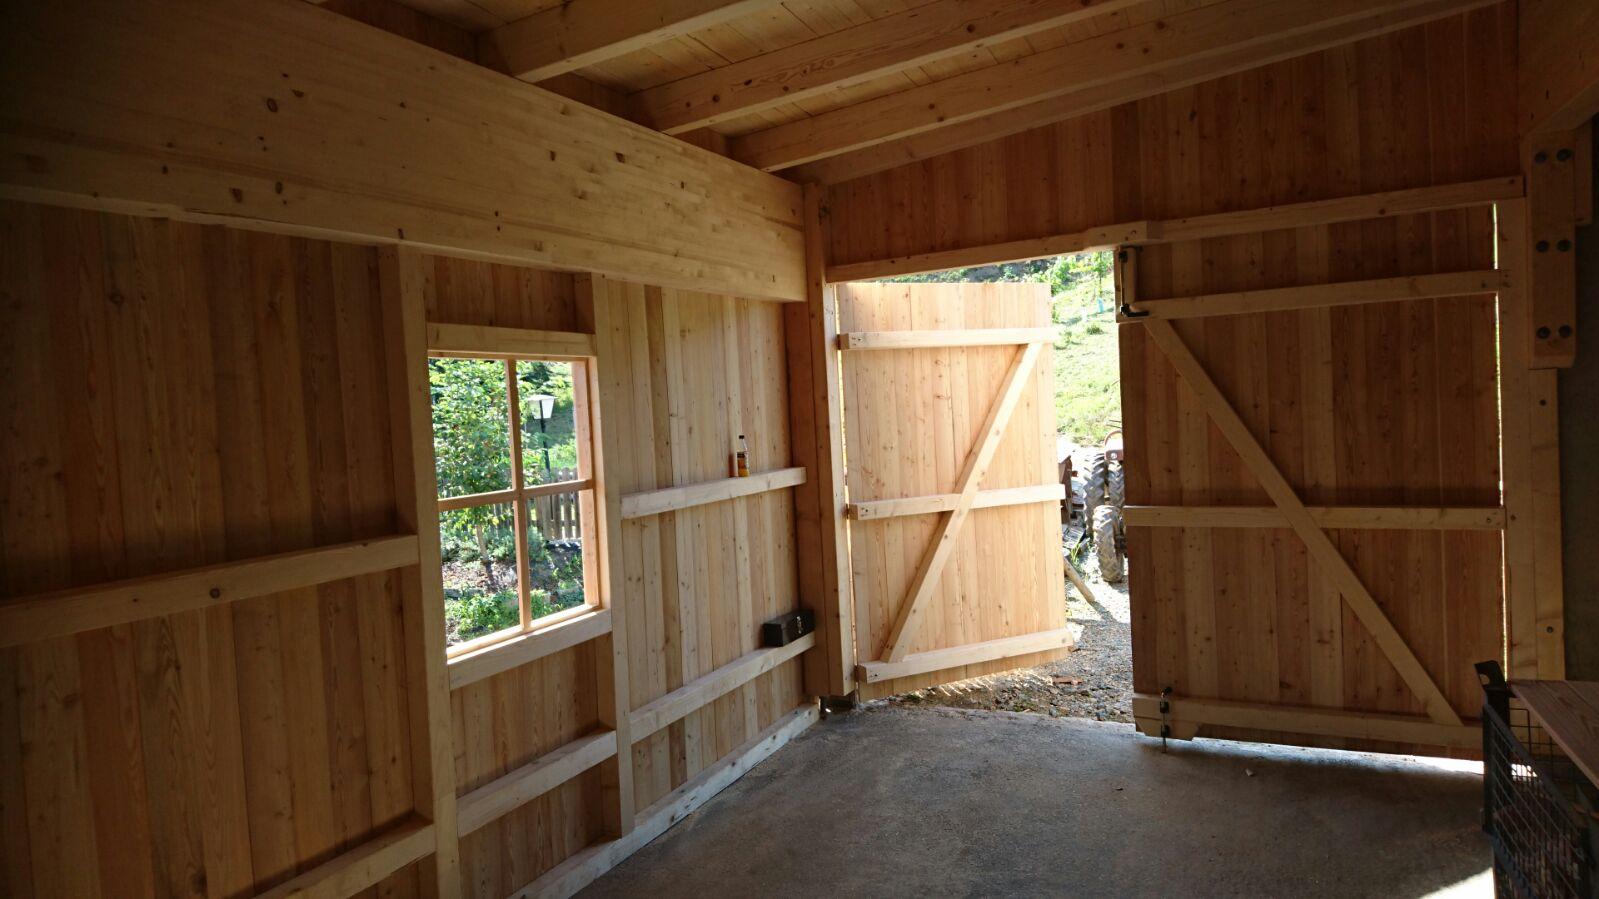 Wirtschaftsgebäˆude in Holzriegelbauweise mit sib. Läˆrchen Deckleistenschalung2